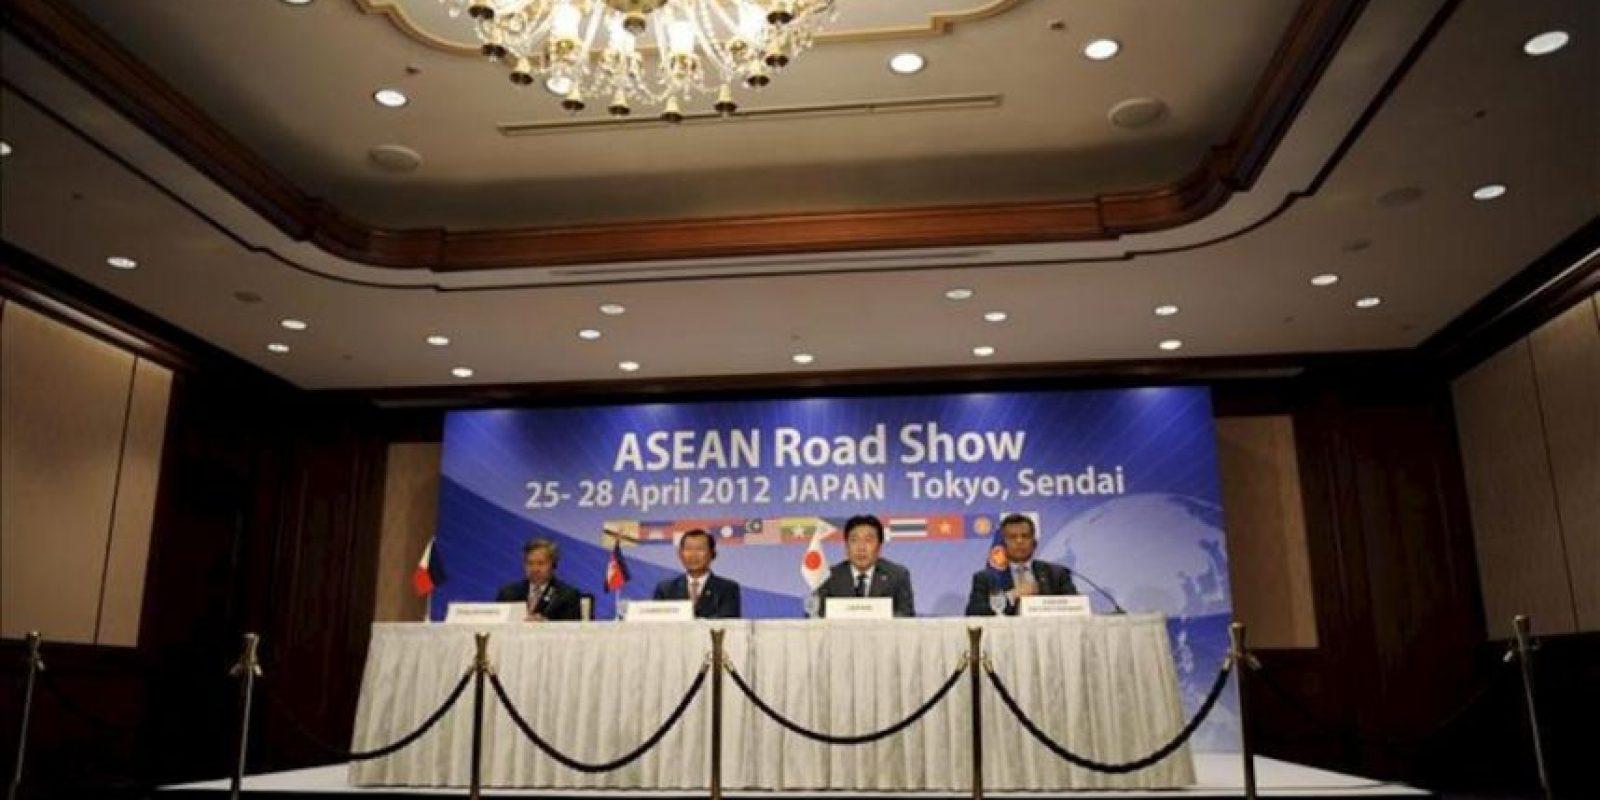 El ministro de economía, comercio e industria de Japón, Yukio Edano (2-d), habla durante una conferencia de prensa este sábado con el secretario general de la ASEAN, Surin Pitsuwan (d), el primer ministro y ministro de comercio de Camboya, Cham Prasidh (2-i), y el secretario de comercio e industria de Filipinas, Gregory Domingo. EFE